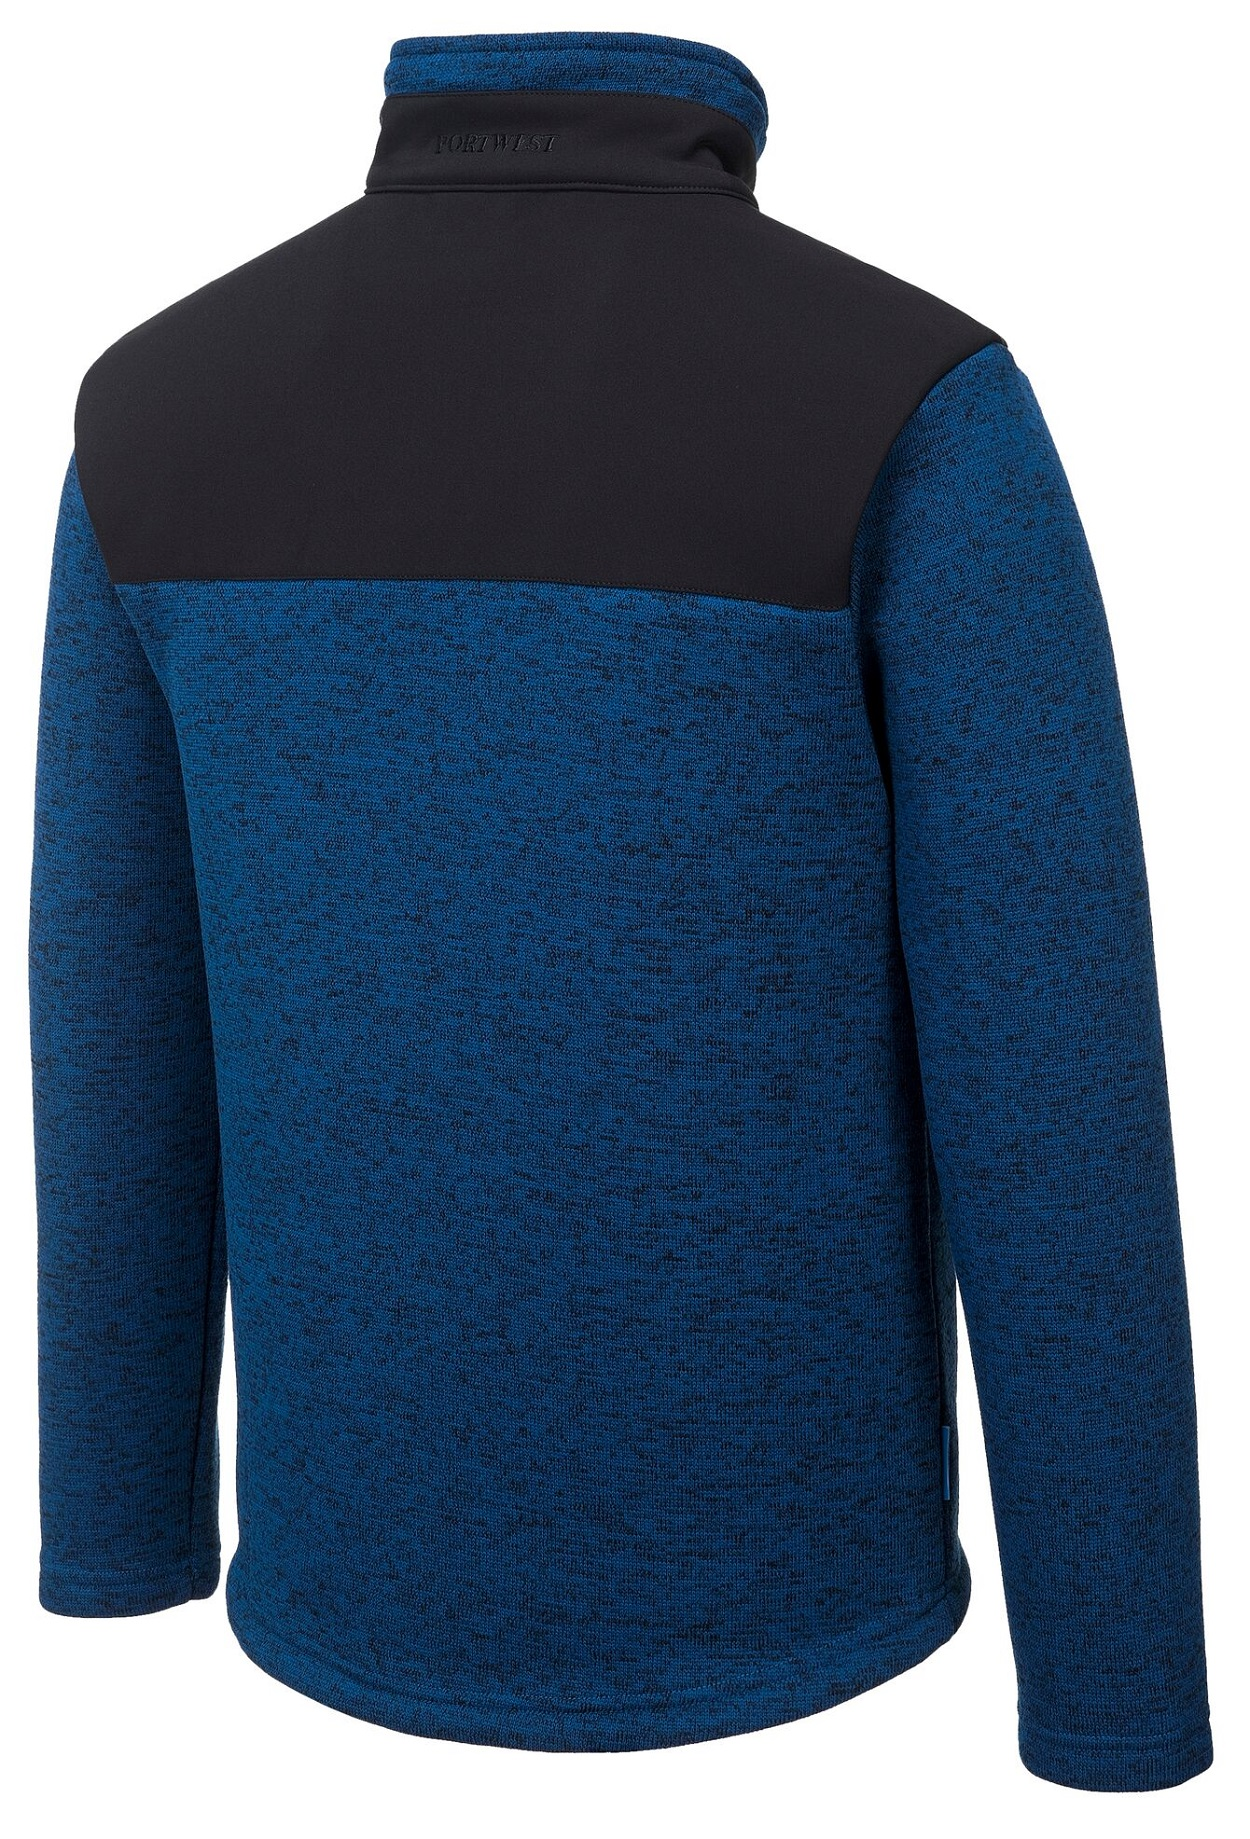 t830-persian blue 2